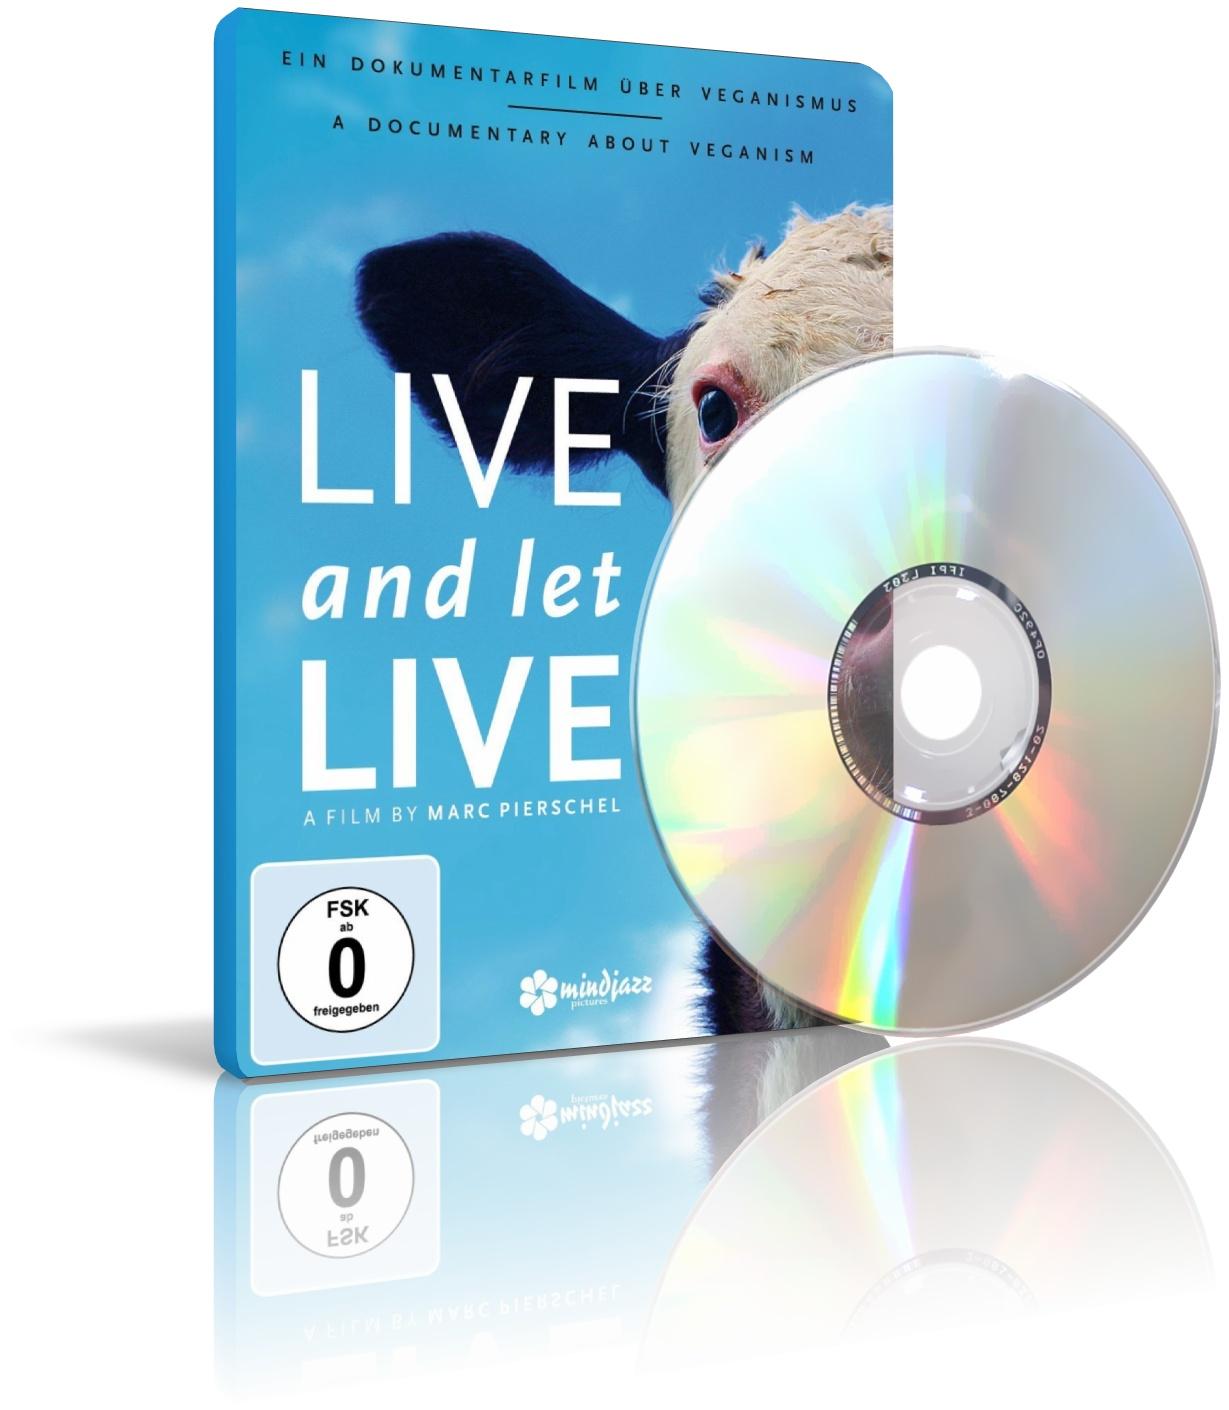 Live and let Live von Marc Pierschel (DVD) im YOGISHOP kaufen | Yoga, Yogamatten & Yoga-Zubehör